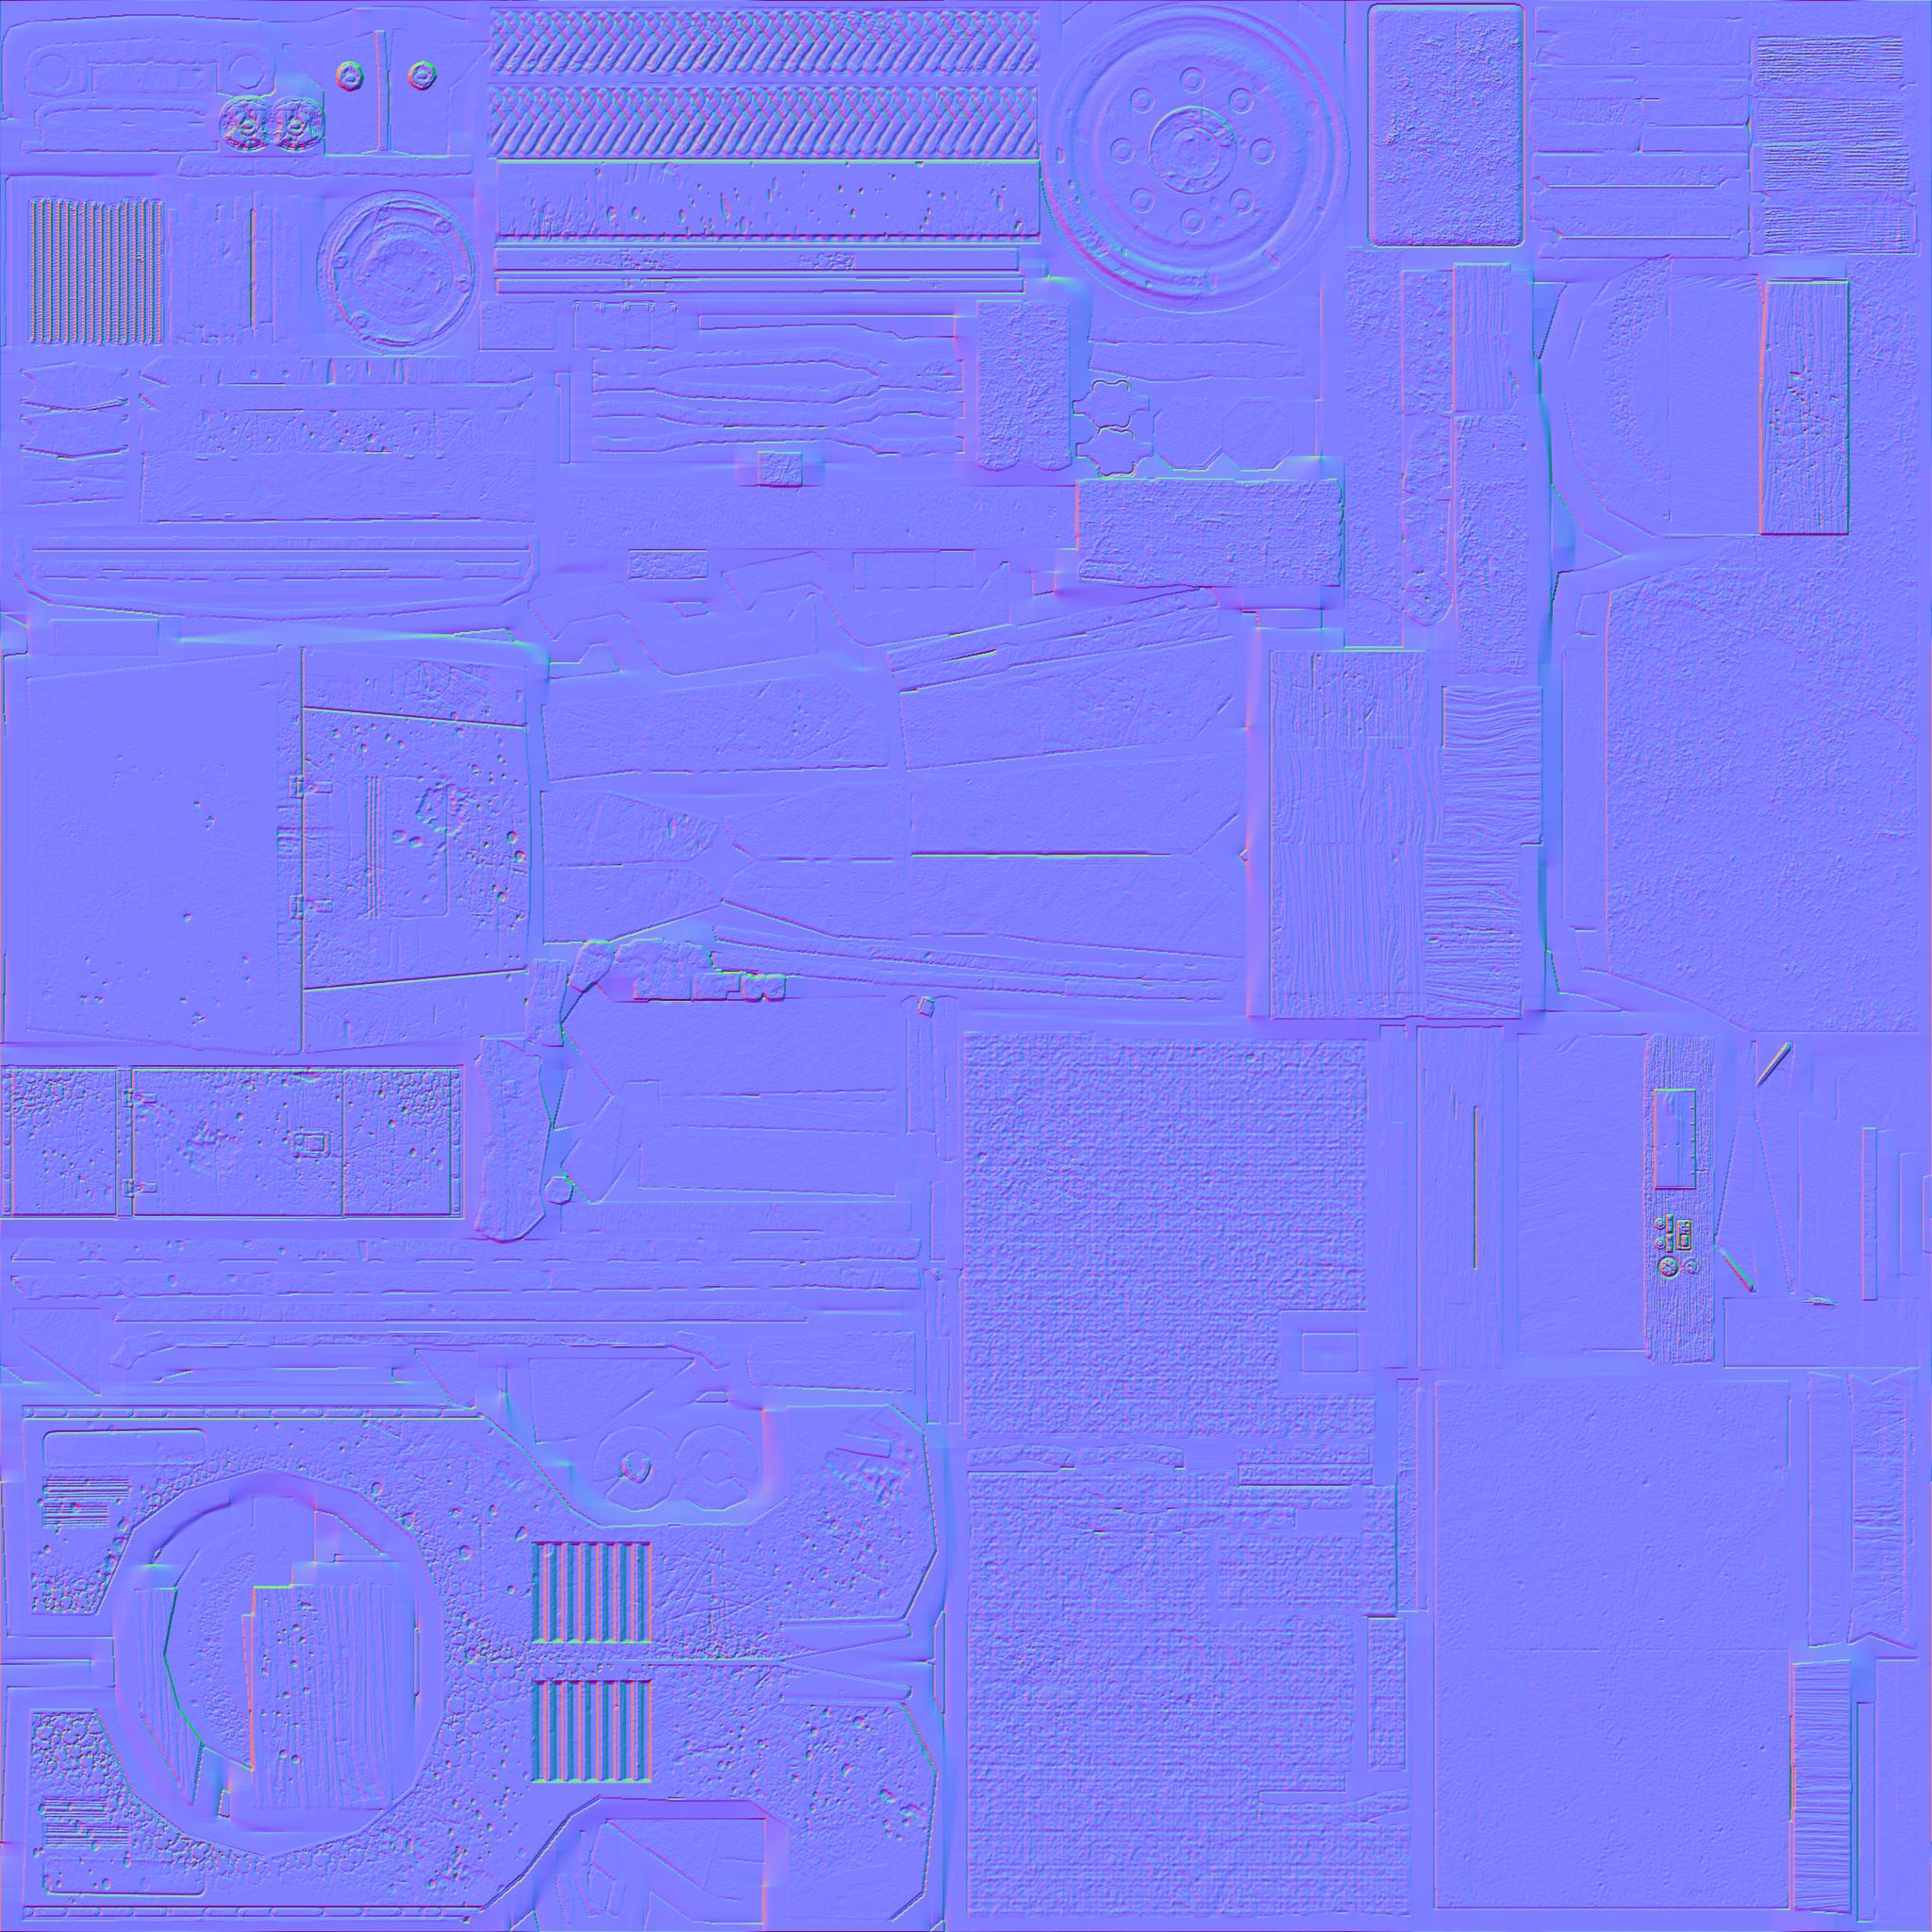 library_custom/stklib/stklib_military_vehicle_a/stklib_military_vehicle_norm.png